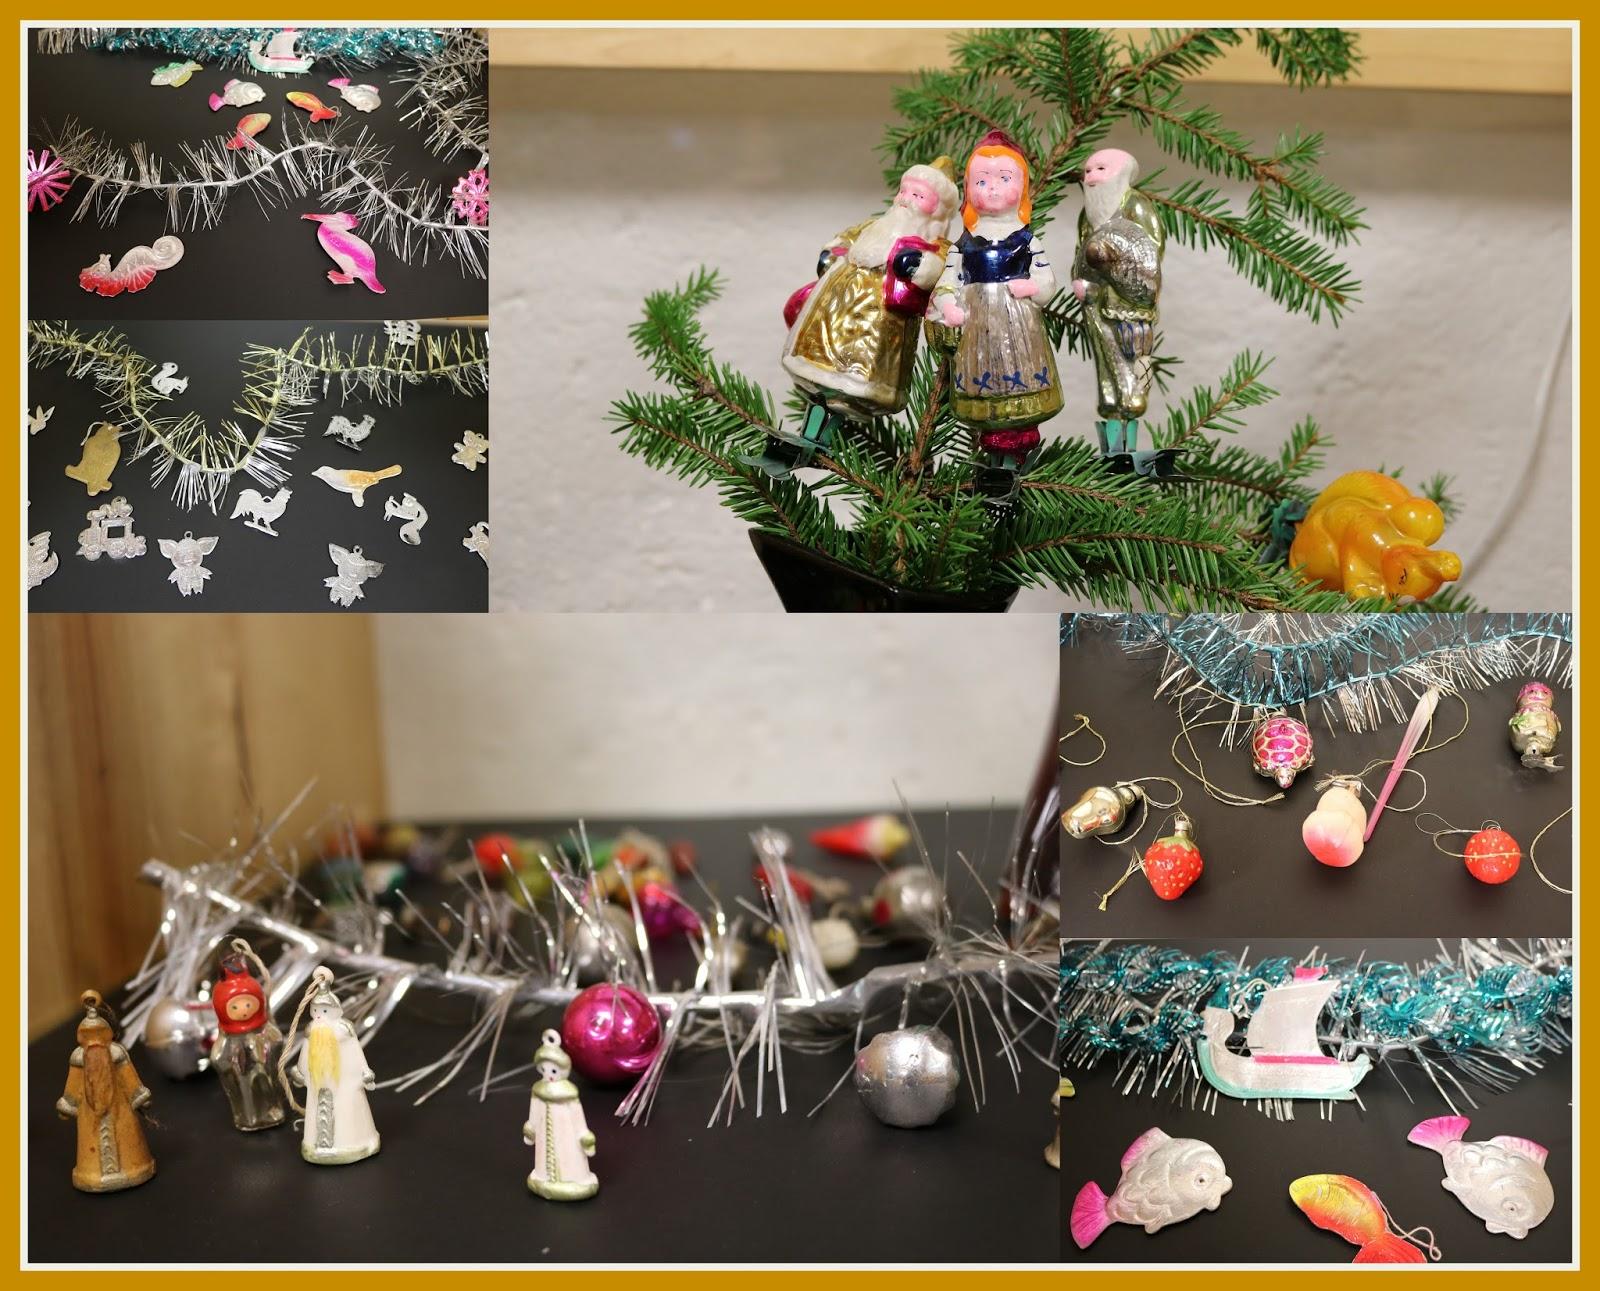 216563021ff Näitusel on näpitsjalgadega nääriehted (valmistatud1950-60), miniatuursed  klaasist ja plastmassist ehted (valmistatud 1960-70), vormpressitud paberist  ...